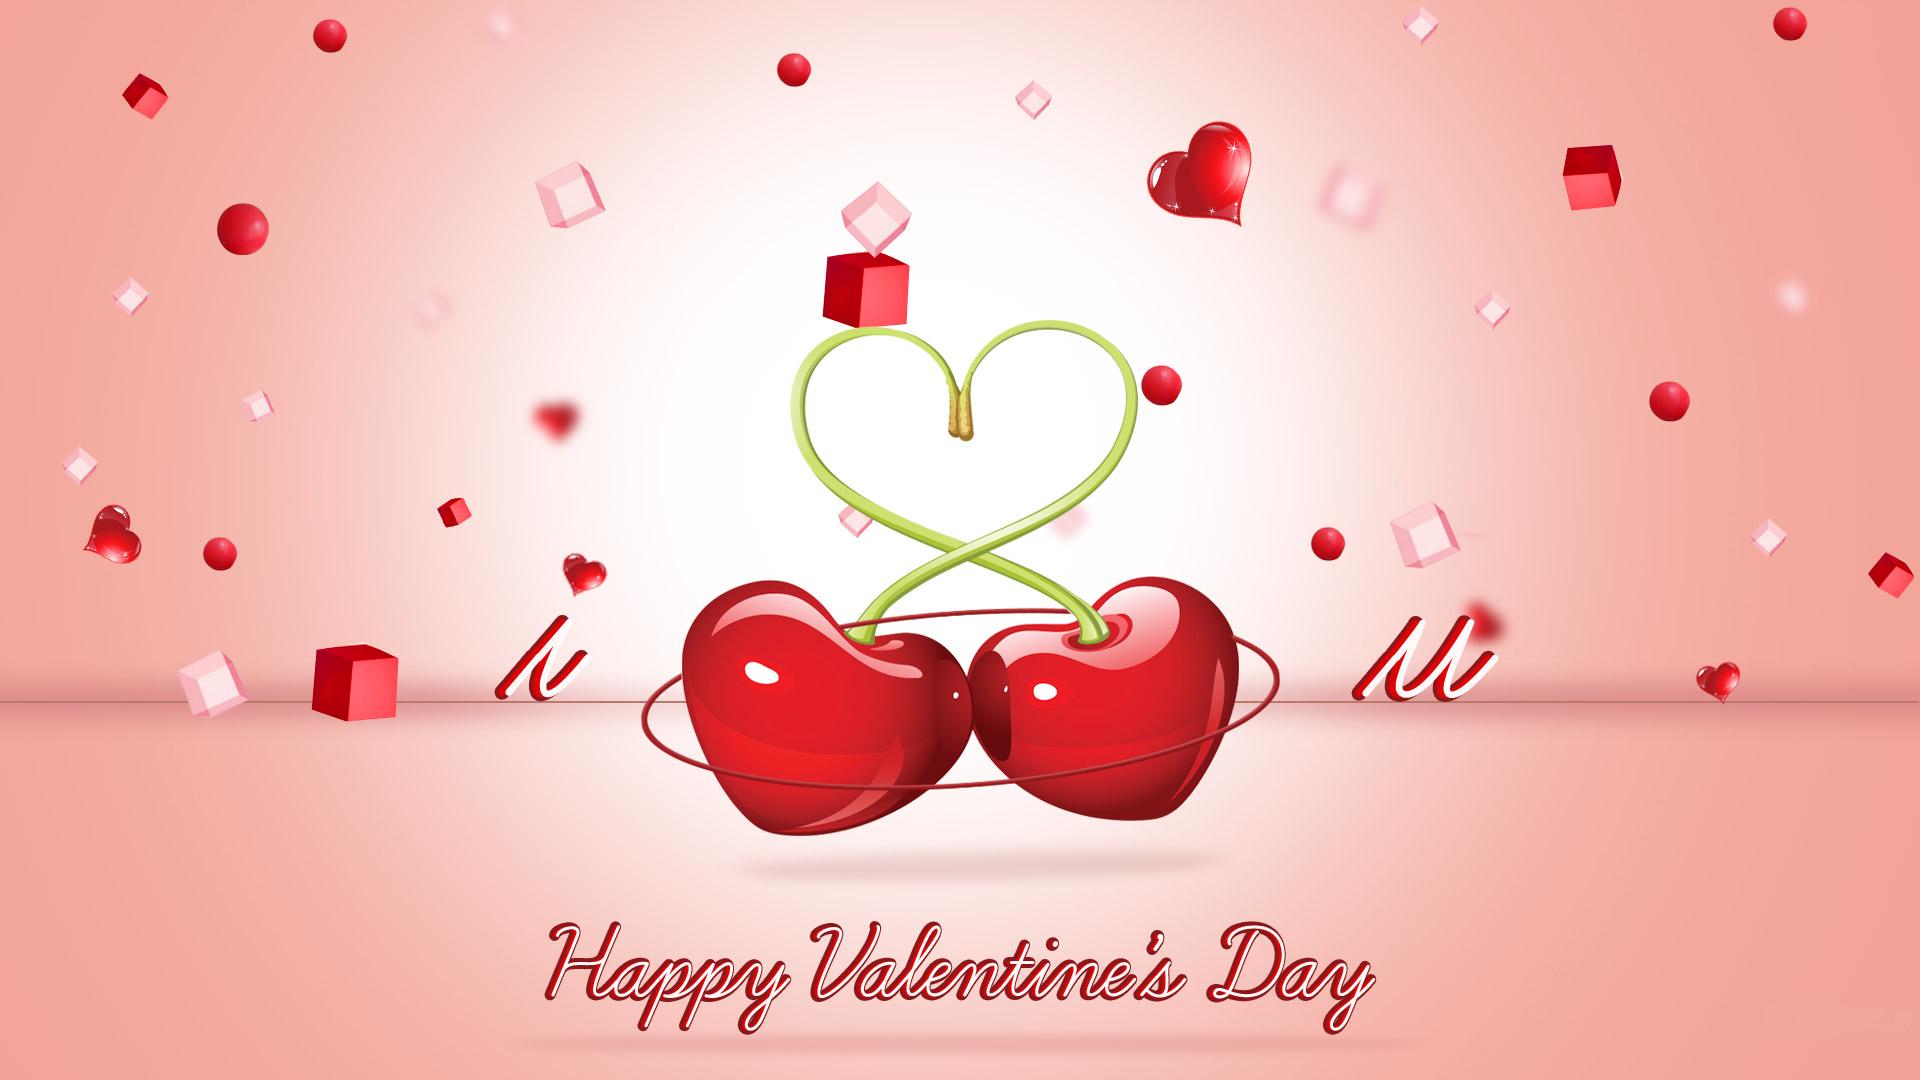 Happy Valentines Day Desktop Wallpapers 1920x1080 1920x1080